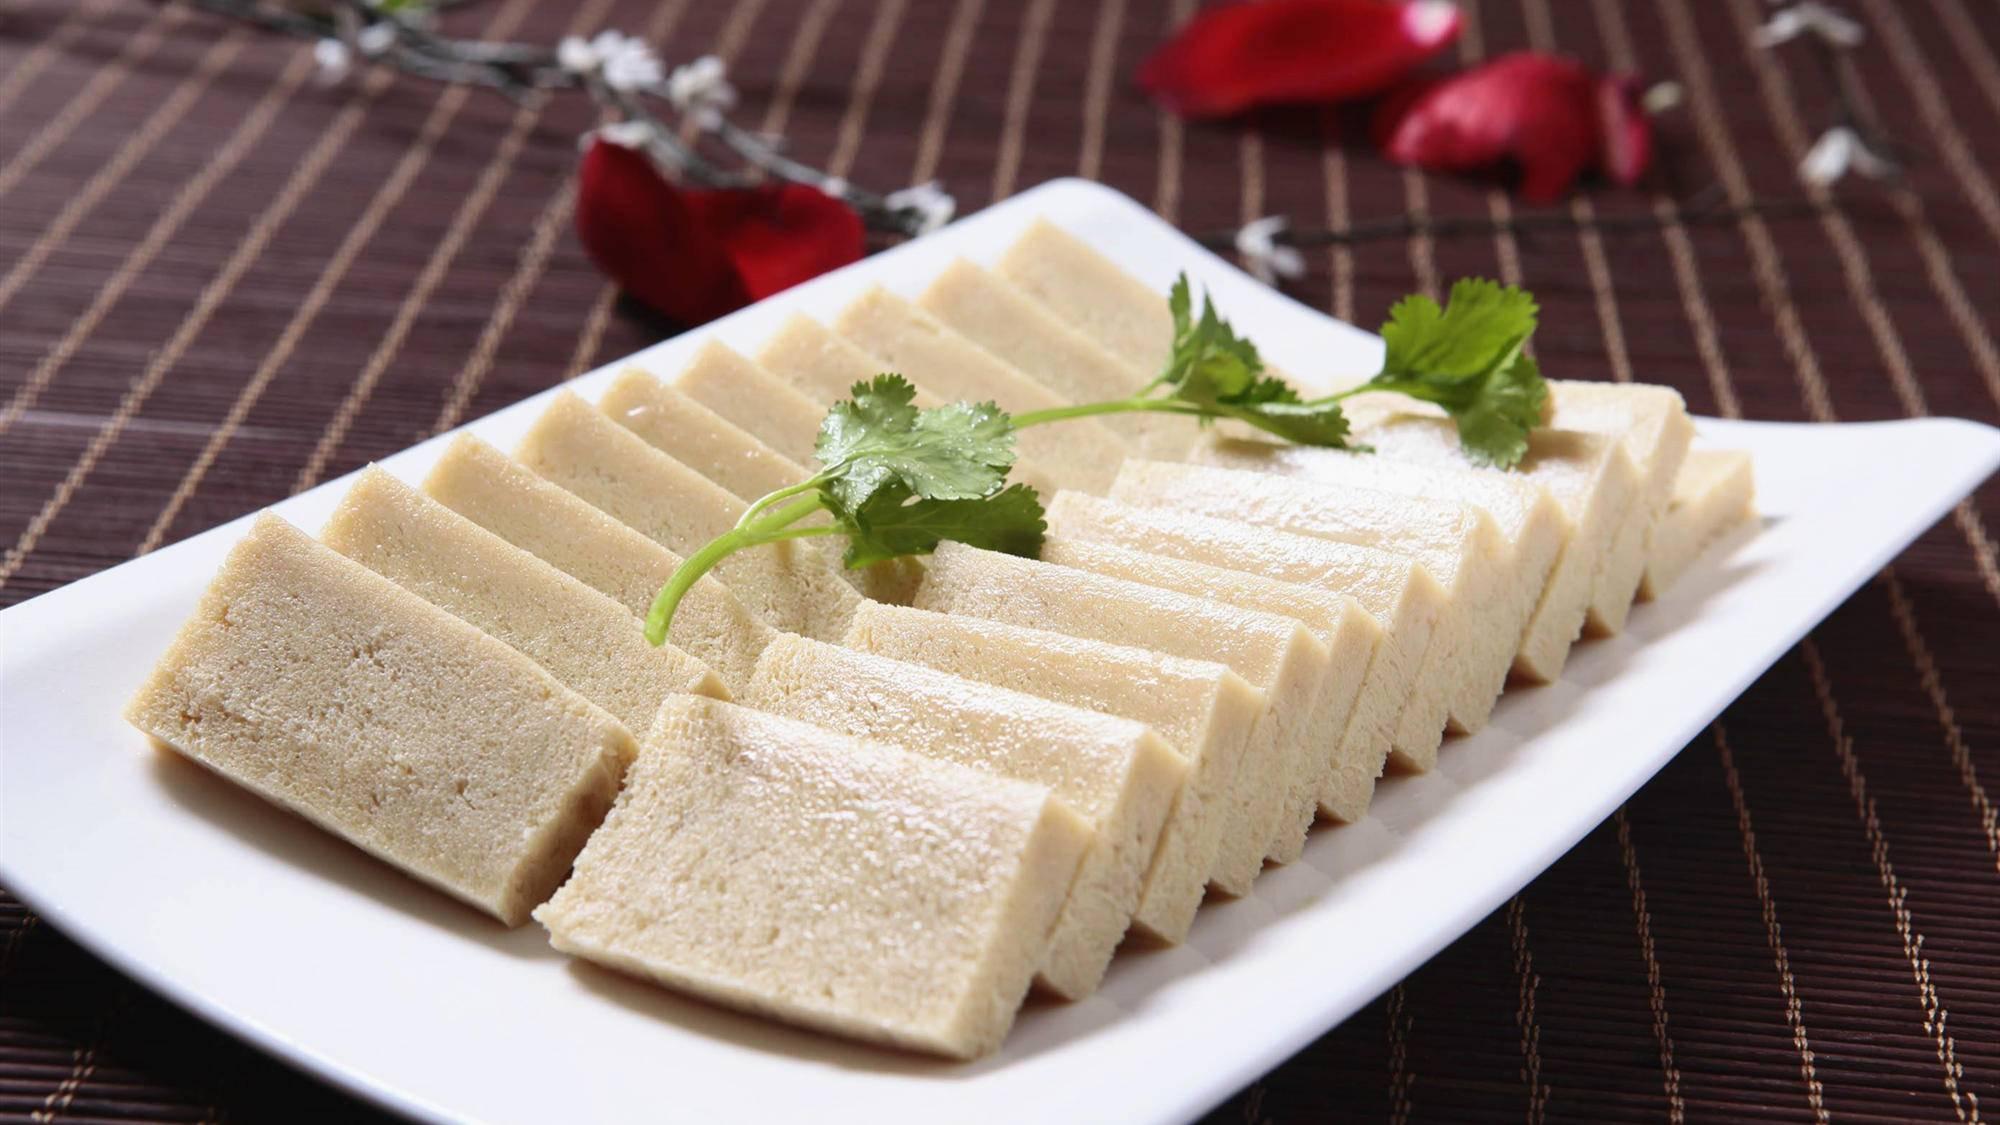 一年卖掉9亿人民币,这家卖豆腐的公司要上市了